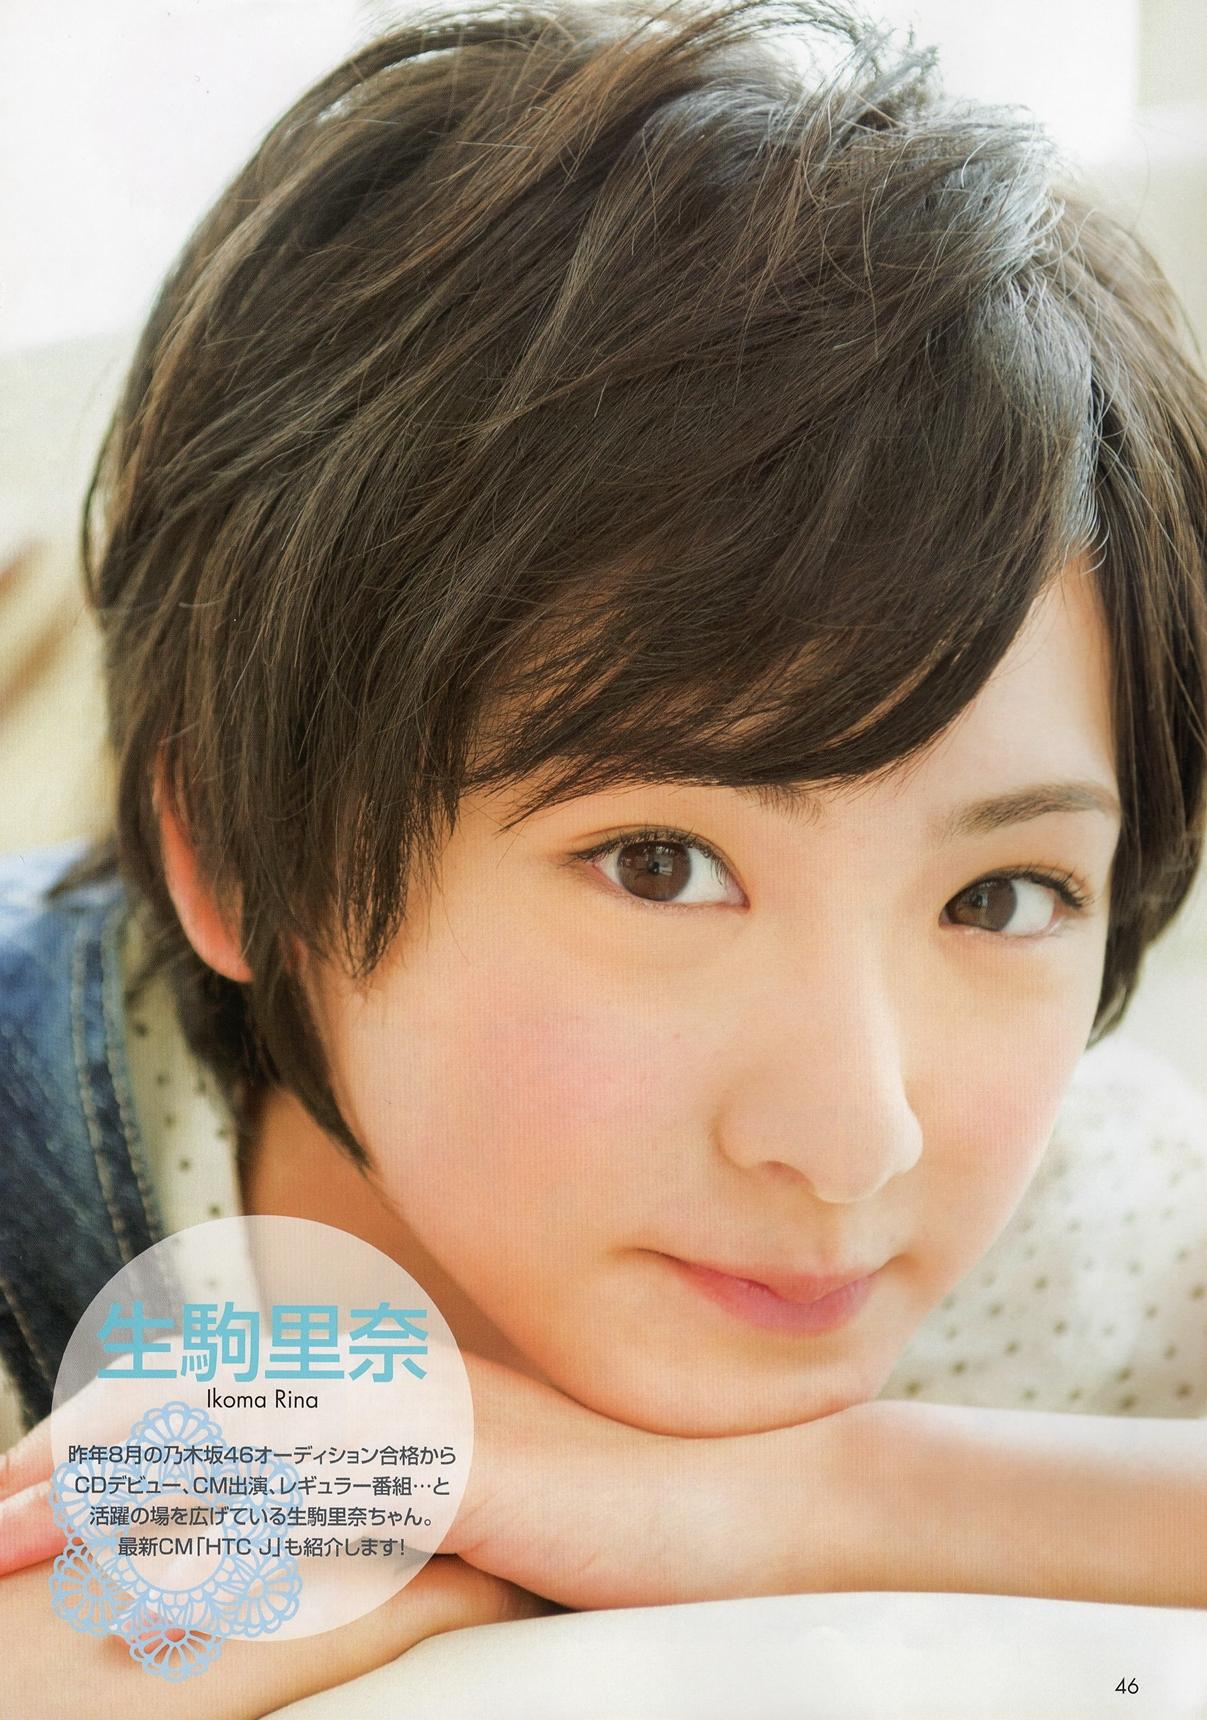 乃木坂46・生駒里奈のセンターを務めた曲をまとめてみました!のサムネイル画像